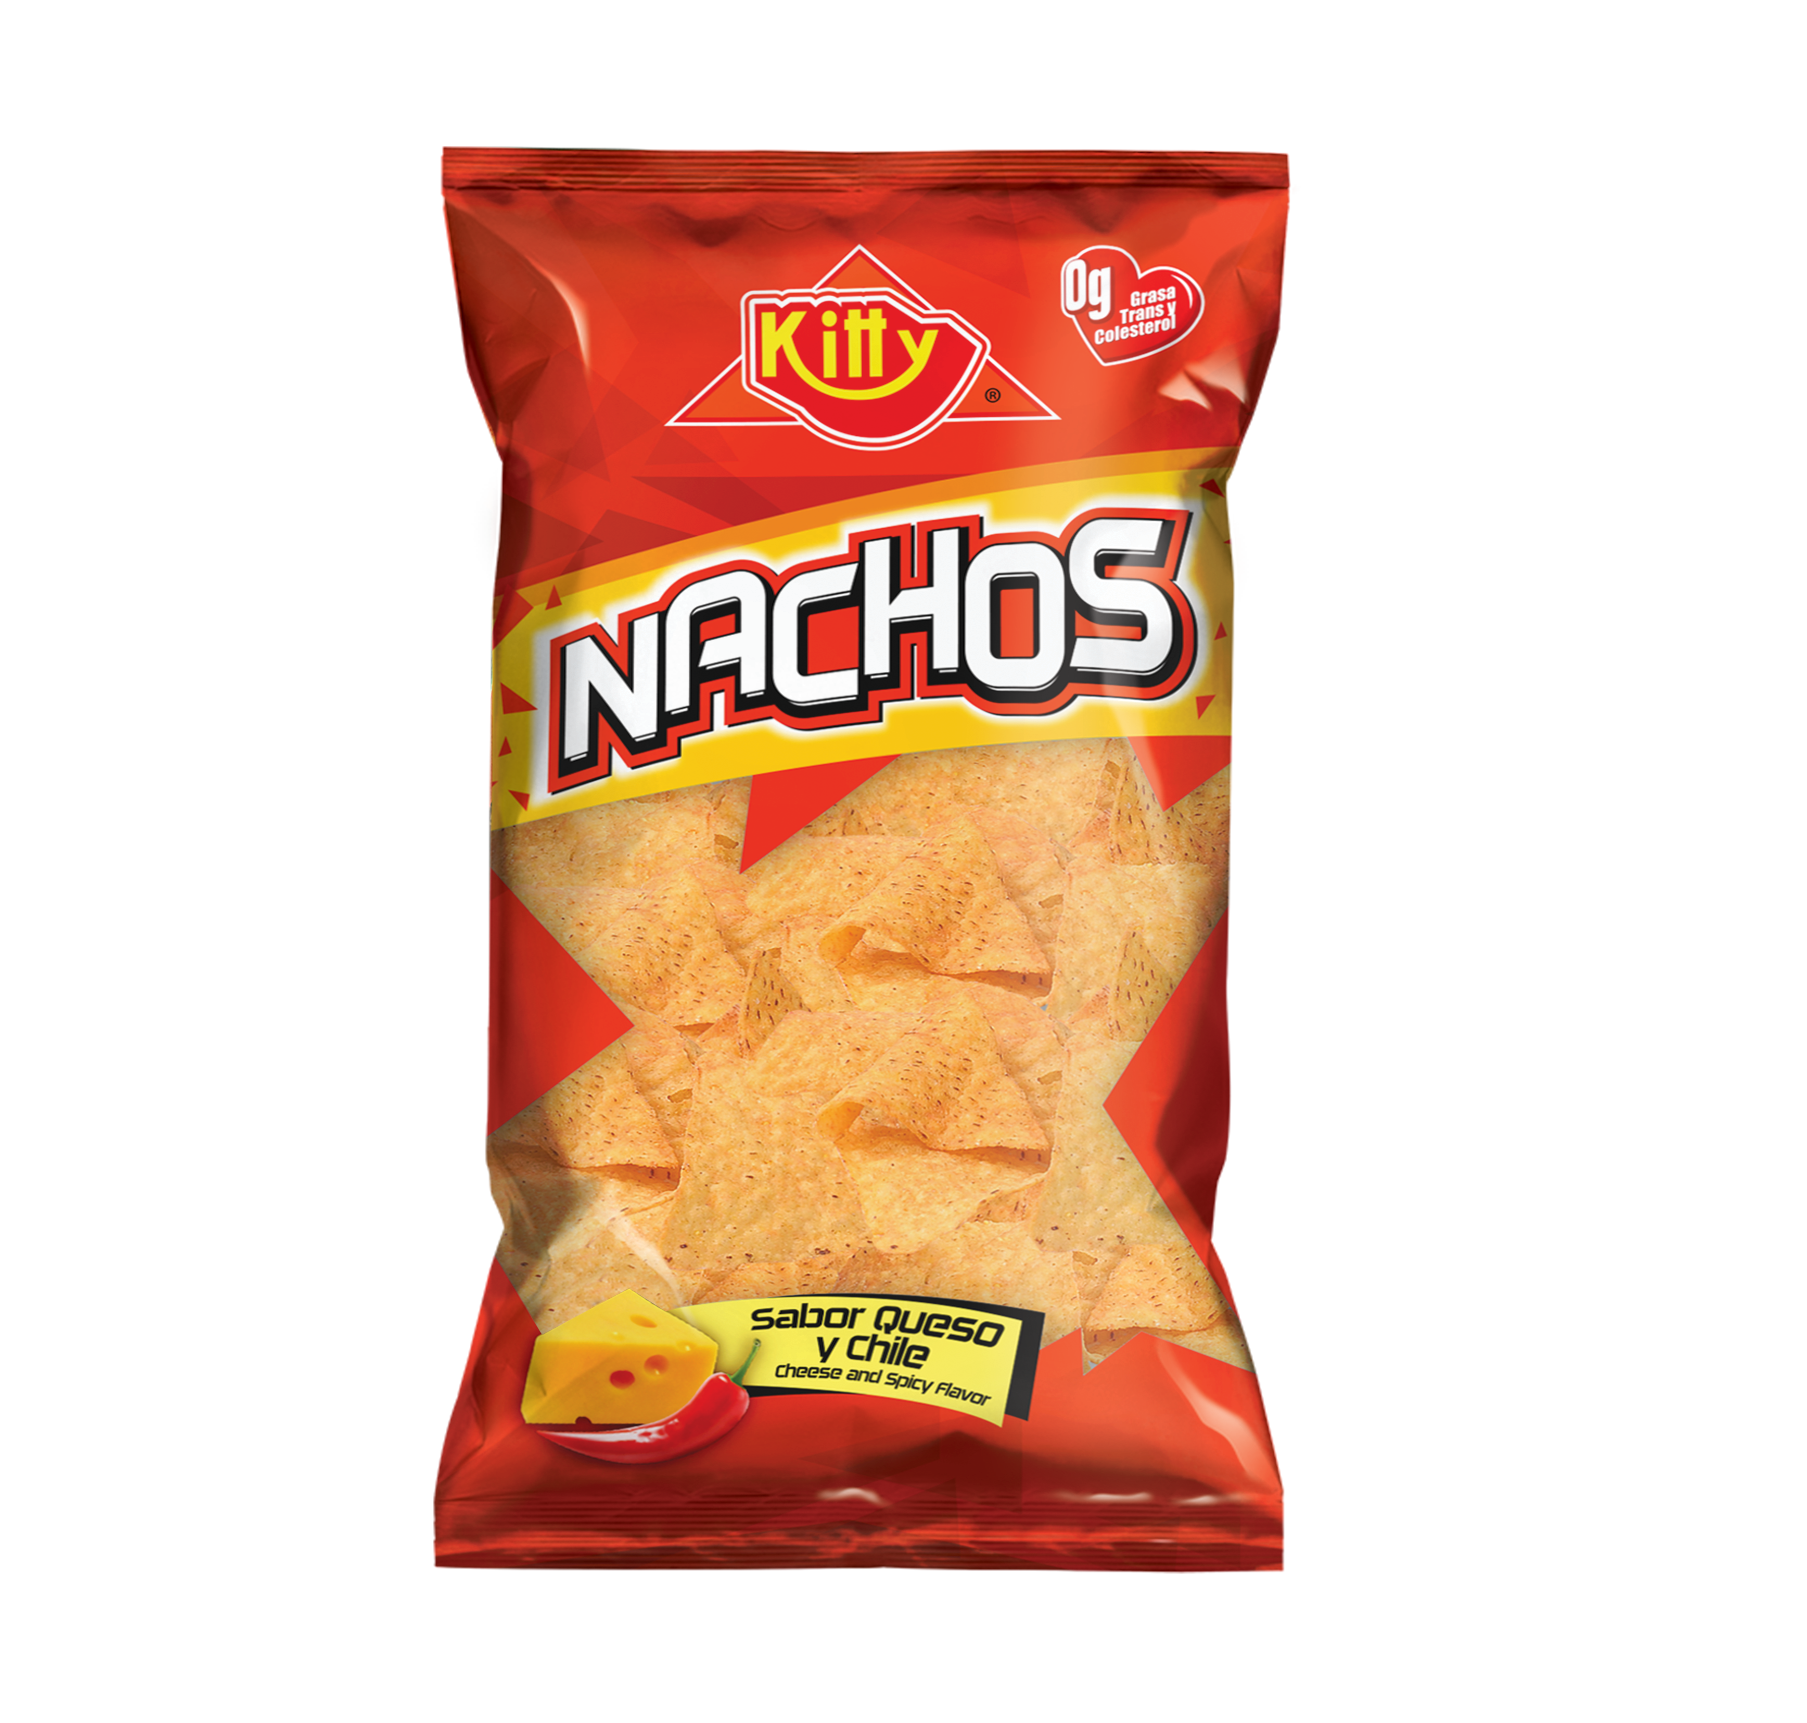 NACHOS250